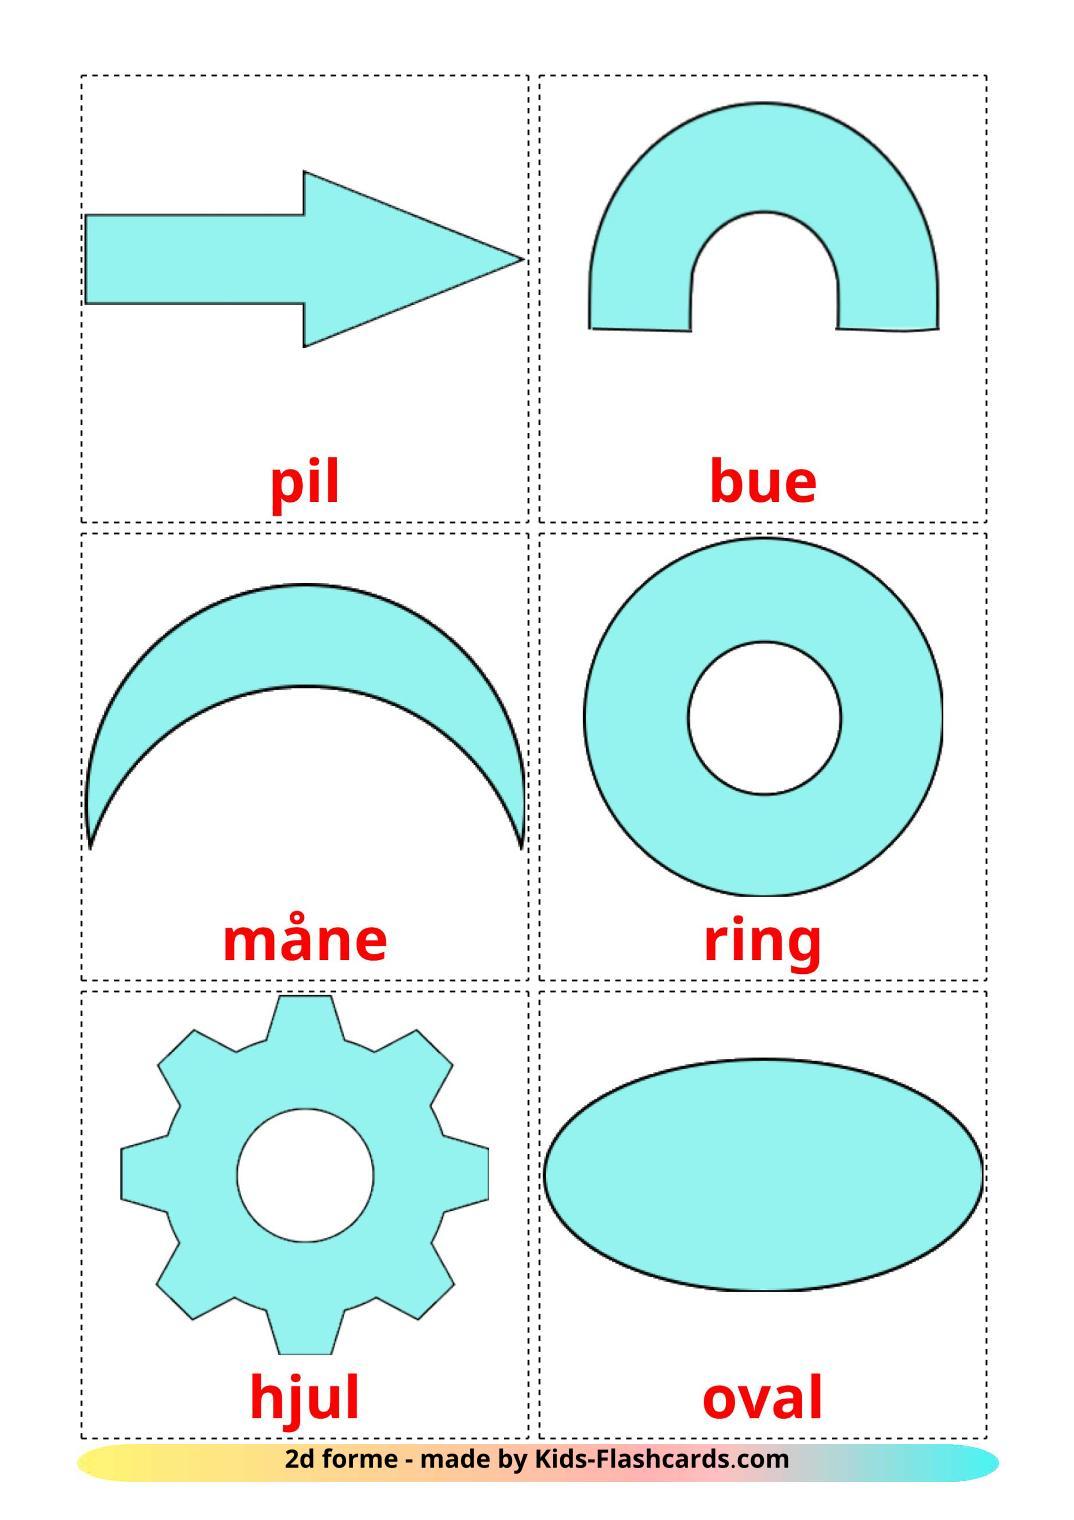 2D Shapes - 35 Free Printable dansk Flashcards